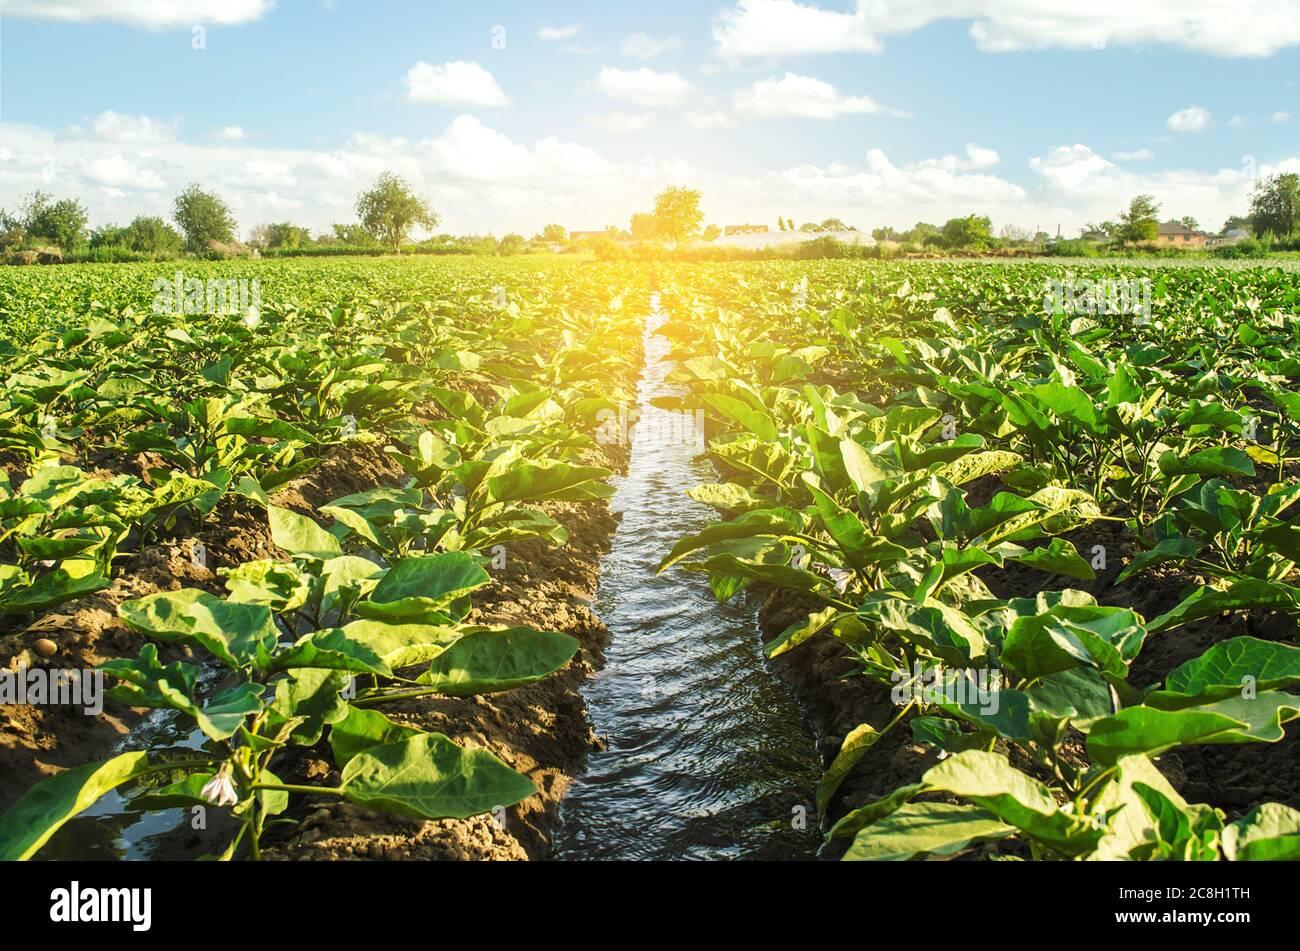 Un canal de agua de riego pasa a través de la plantación de berenjenas. Cuidar de las plantas, cultivar alimentos. Agricultura y agroindustria. Conservación del agua Foto de stock